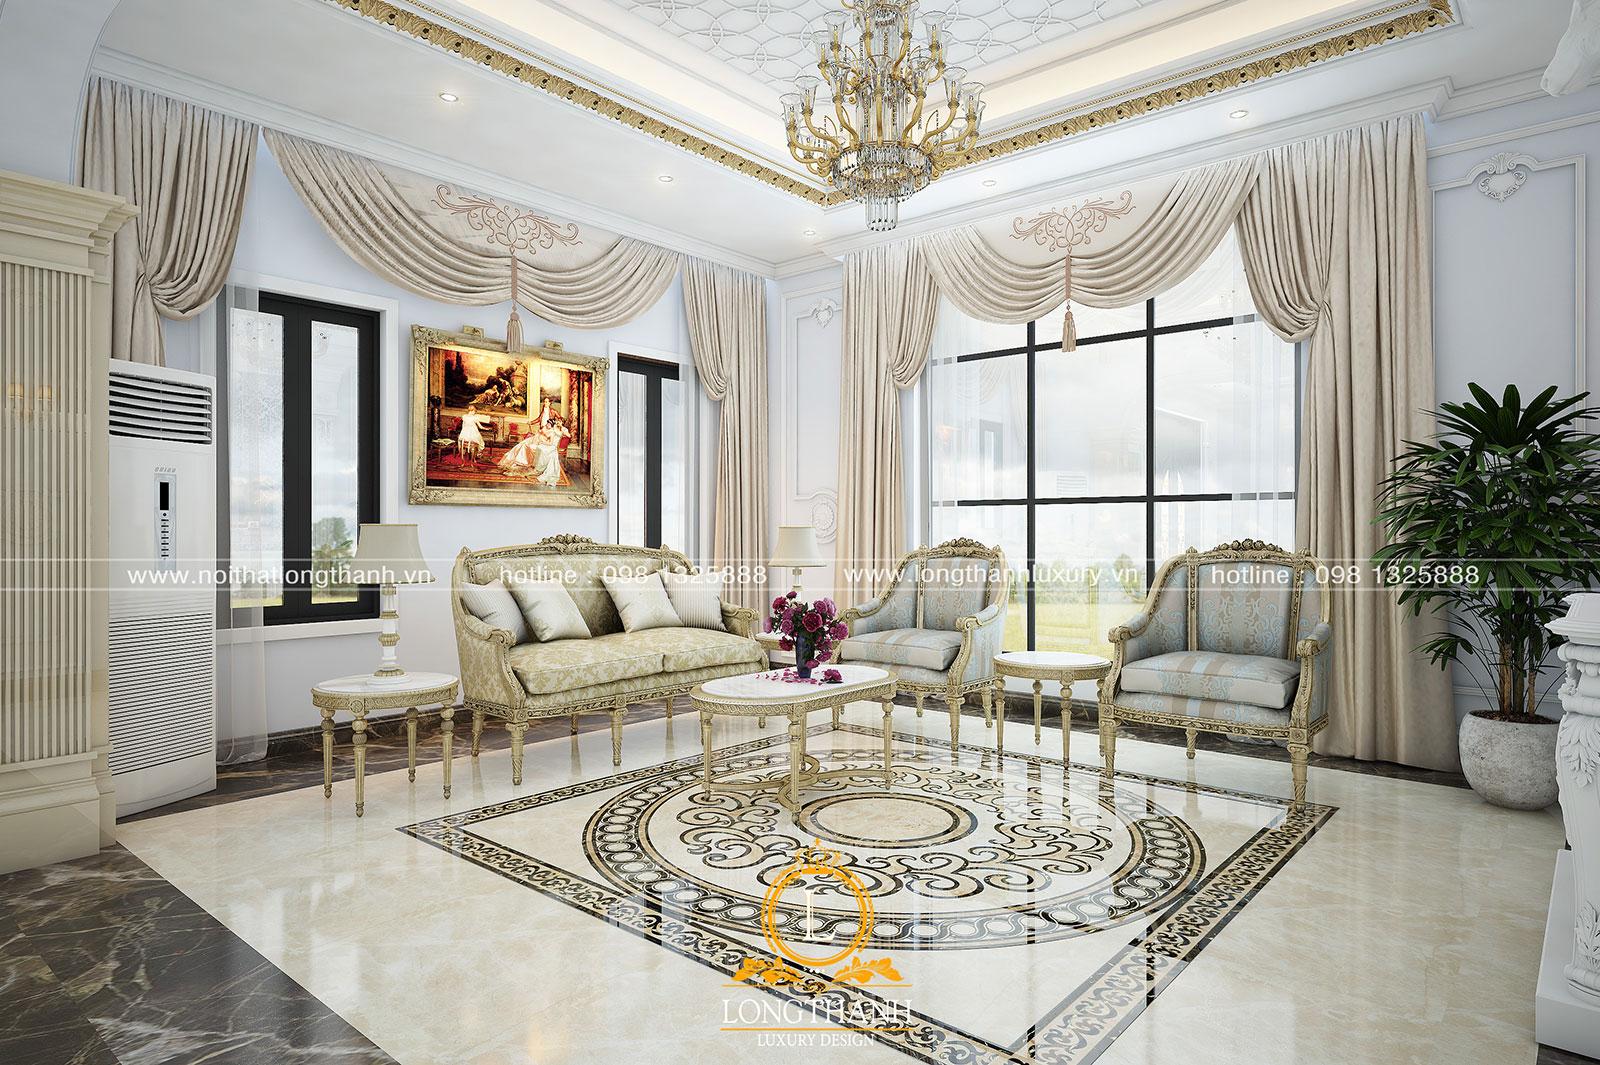 Phòng khách biệt thự đẹp LT18